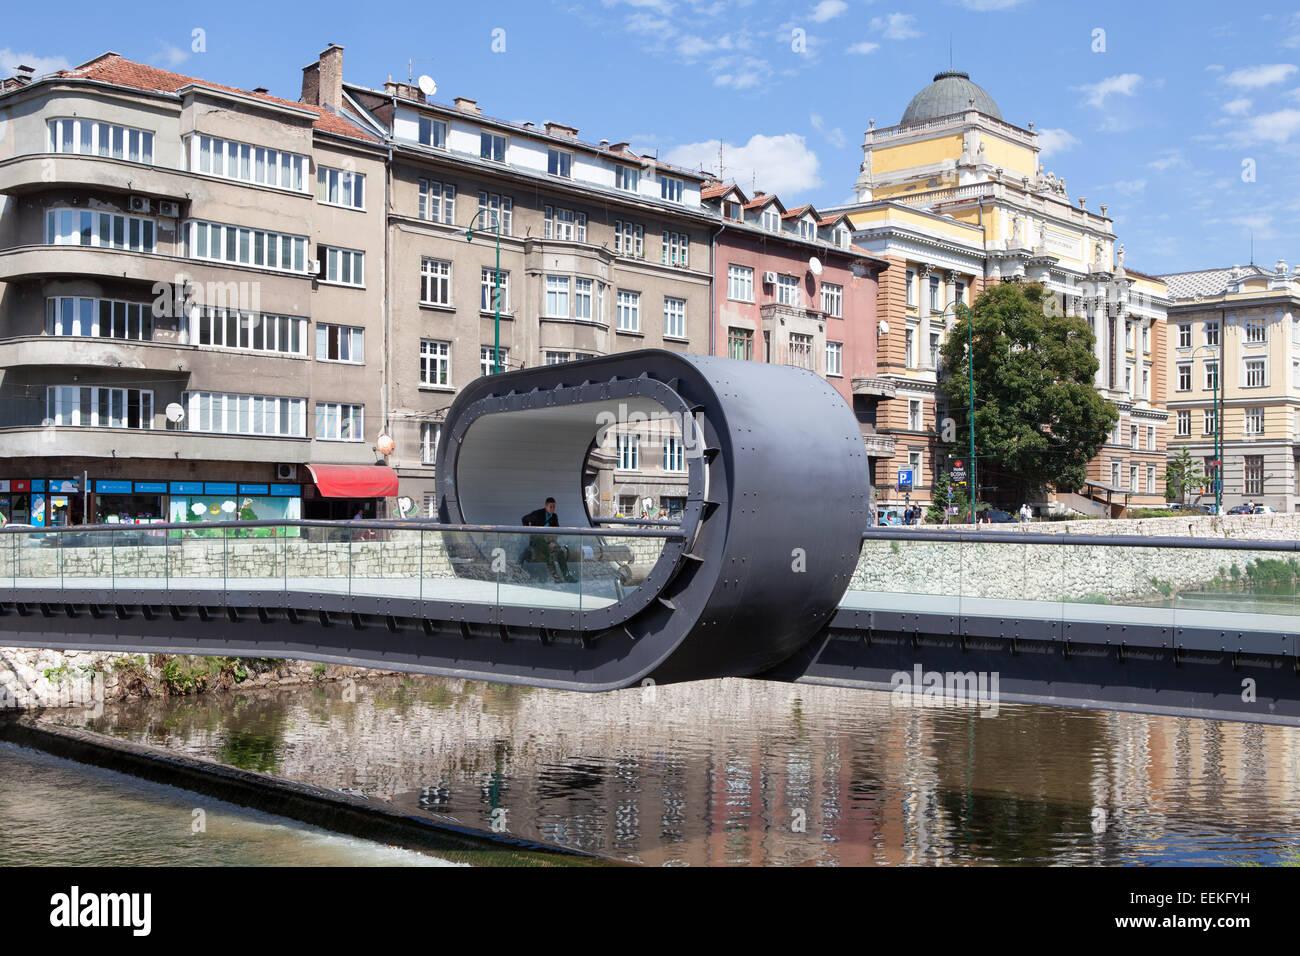 Festina lente puente sobre el río Miljacka. Sarajevo, Bosnia y Herzegovina Imagen De Stock